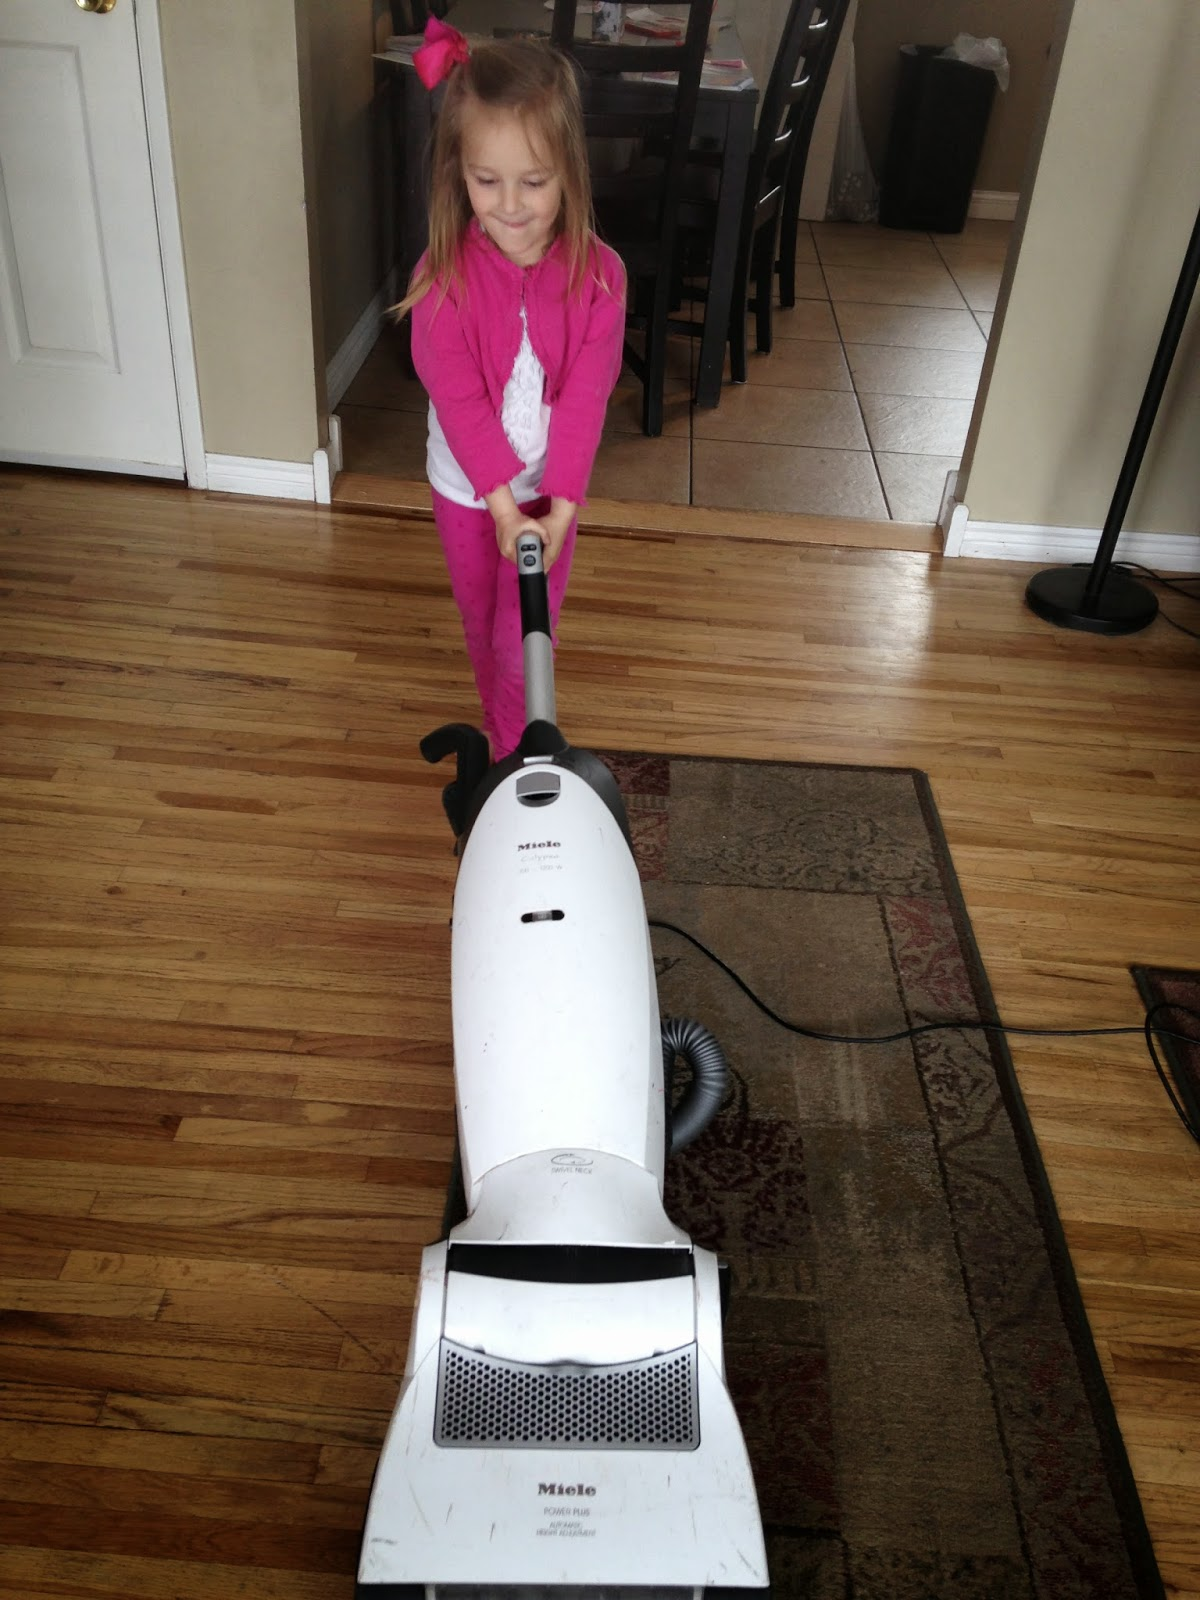 Preschool Girl Vacuuming